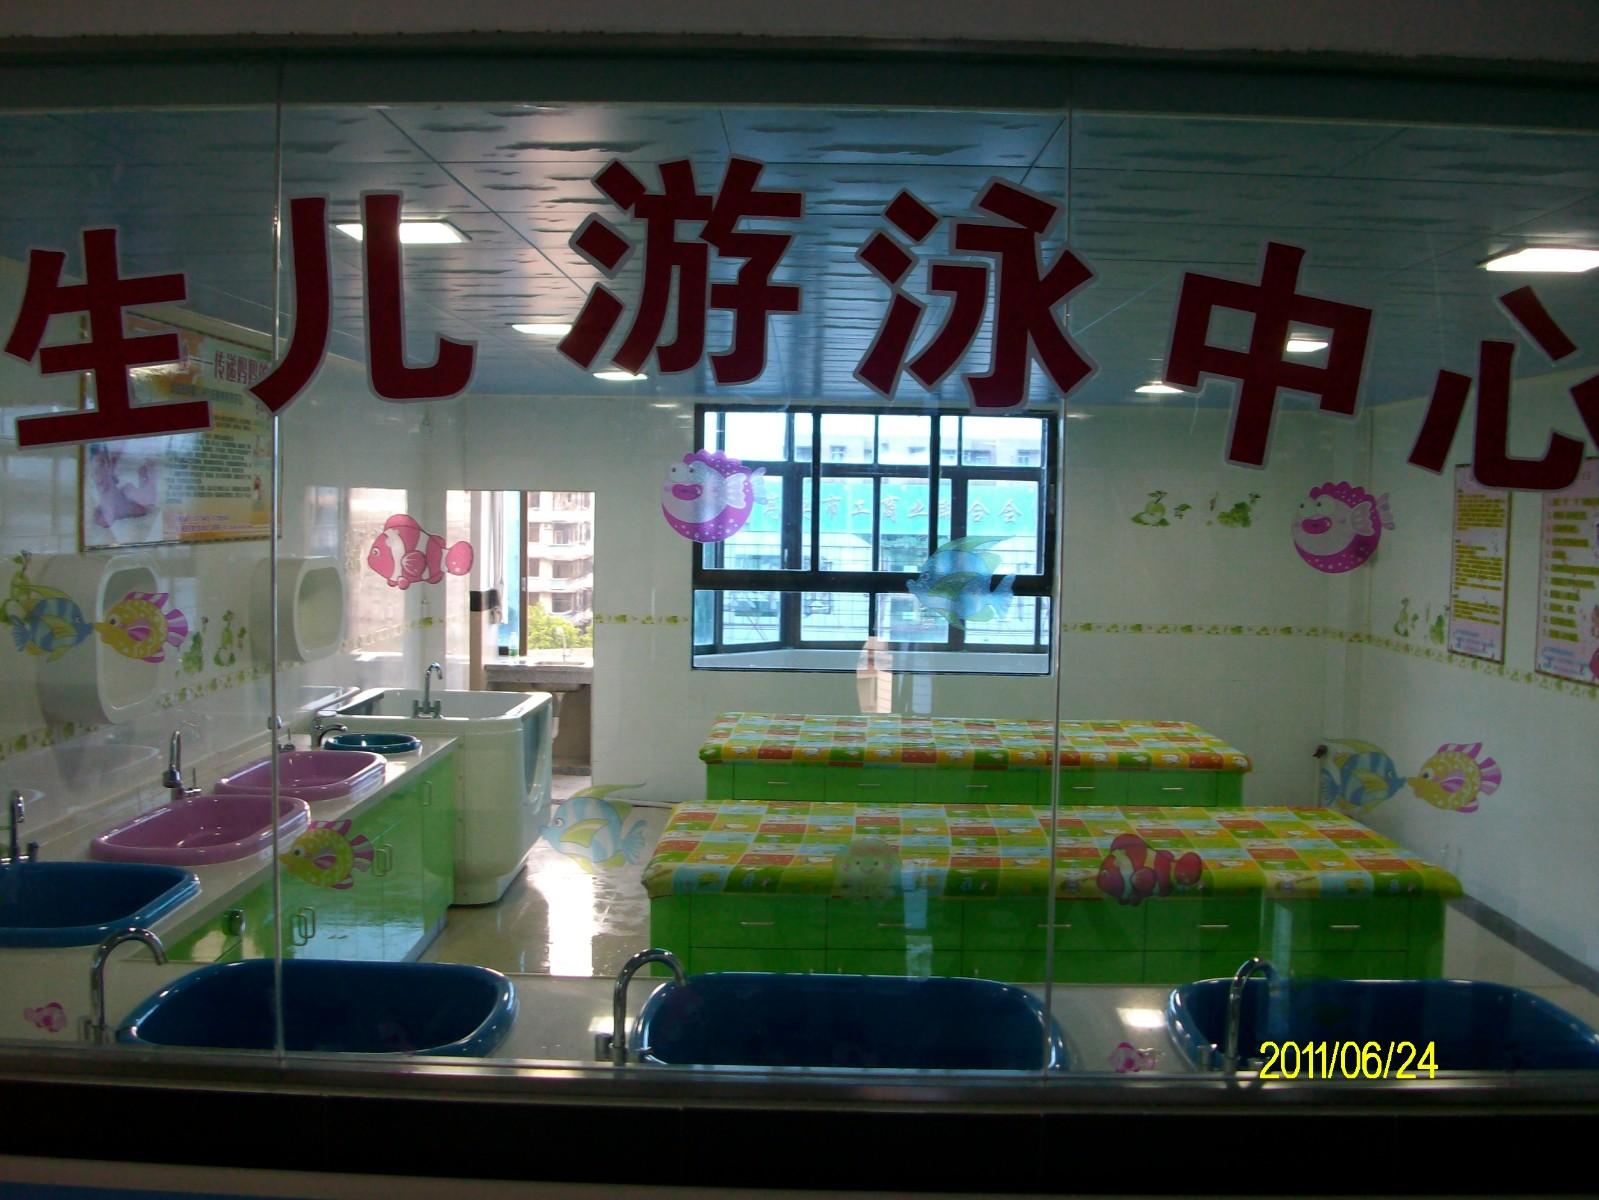 高要中医院|工程案例-广州瀚宇实验室设备亿博彩票平台